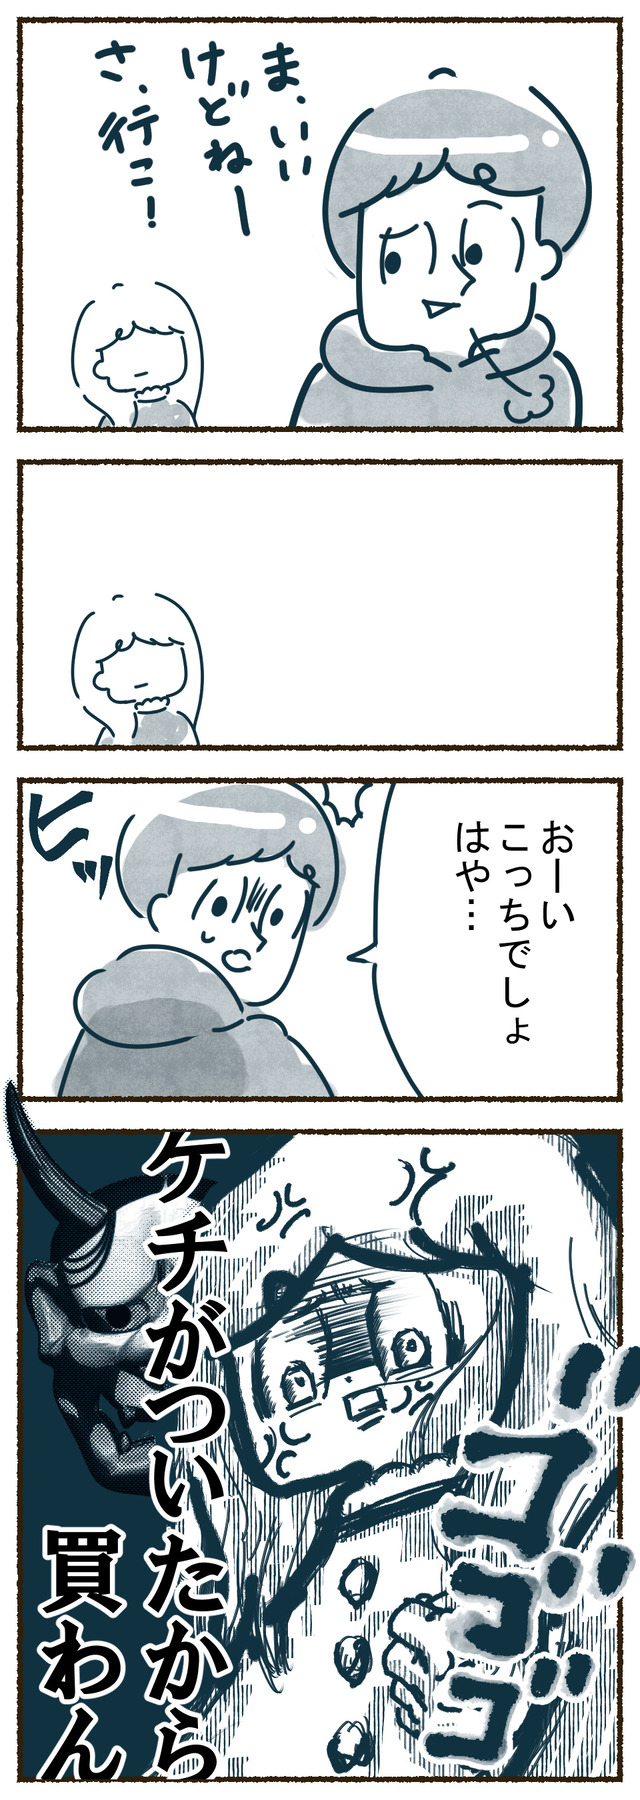 syomeisensou07